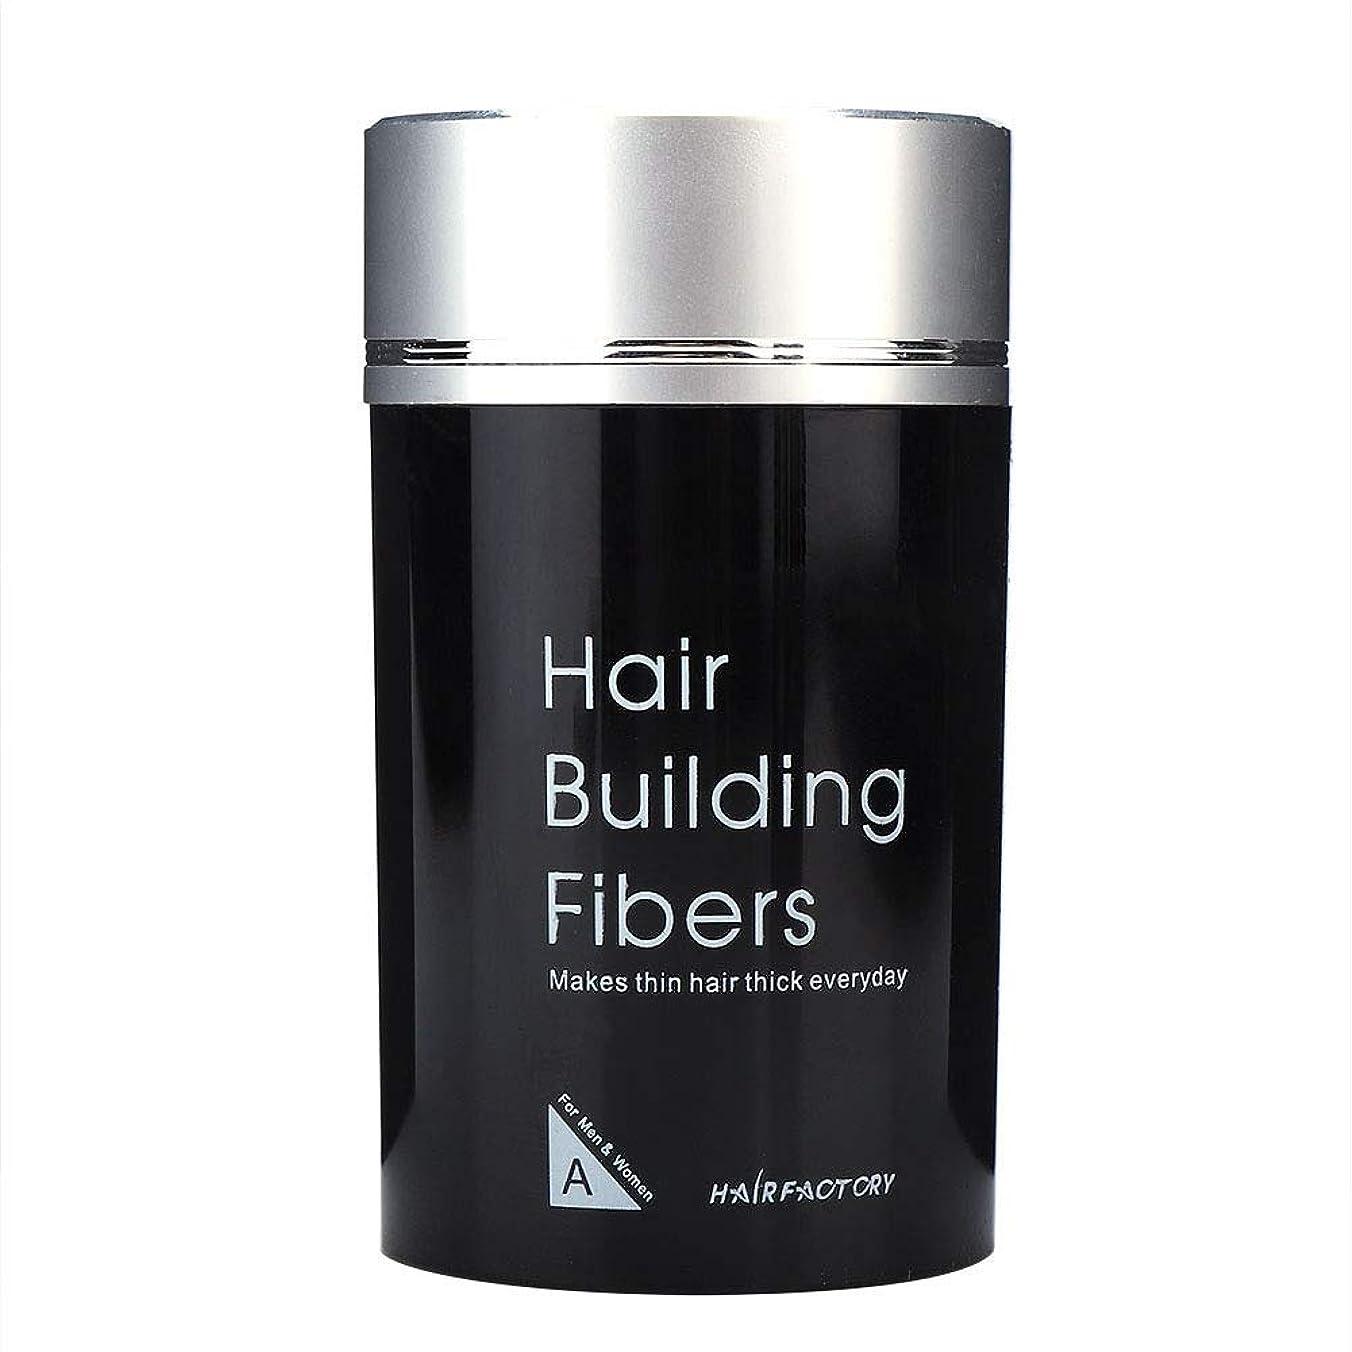 ネックレス朝ごはんみなす男性と女性のための太い髪を作成するための髪のスタイルを薄くするための髪の建築繊維、太くする繊維(#2)